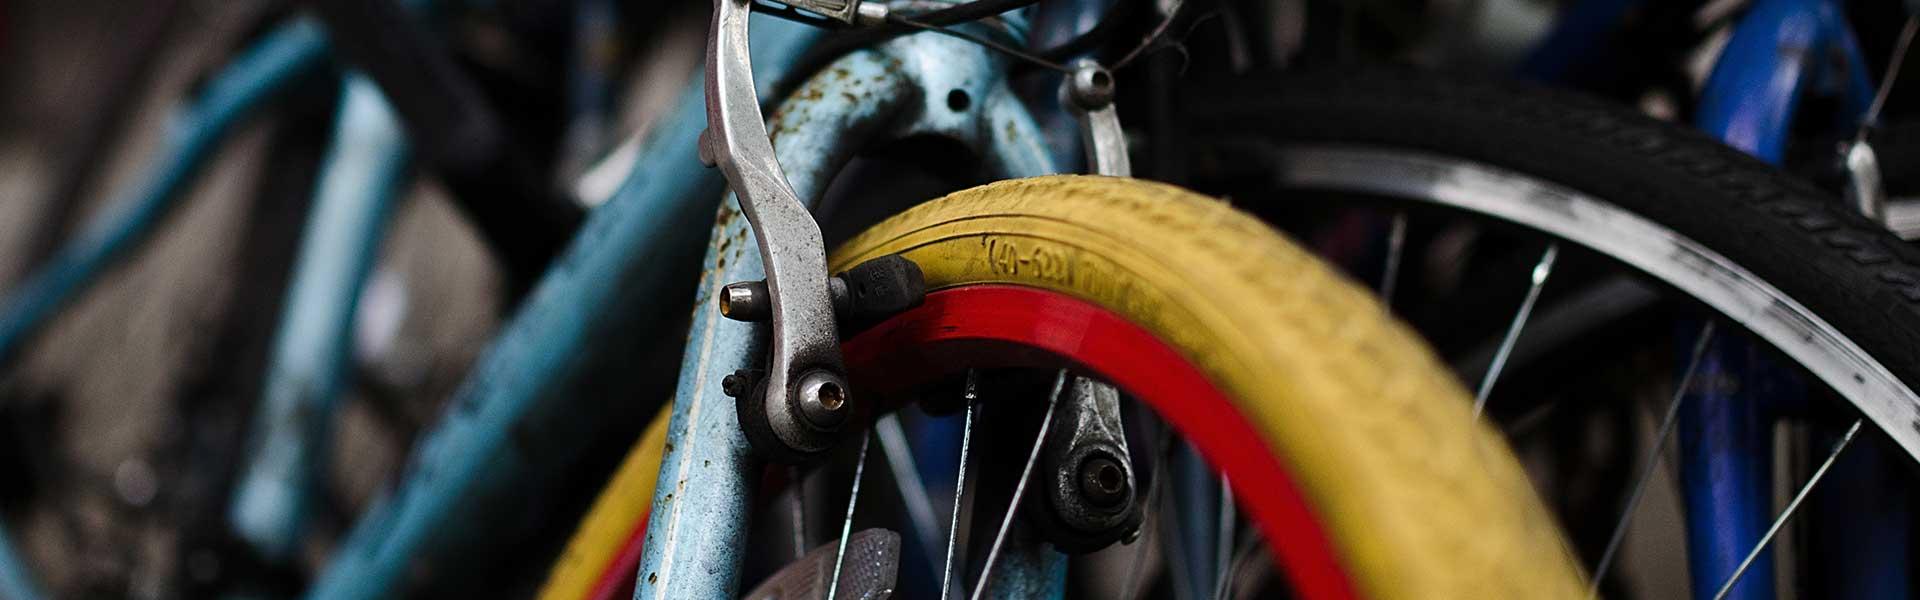 Schaltwerk-Blog-Reifenpanne